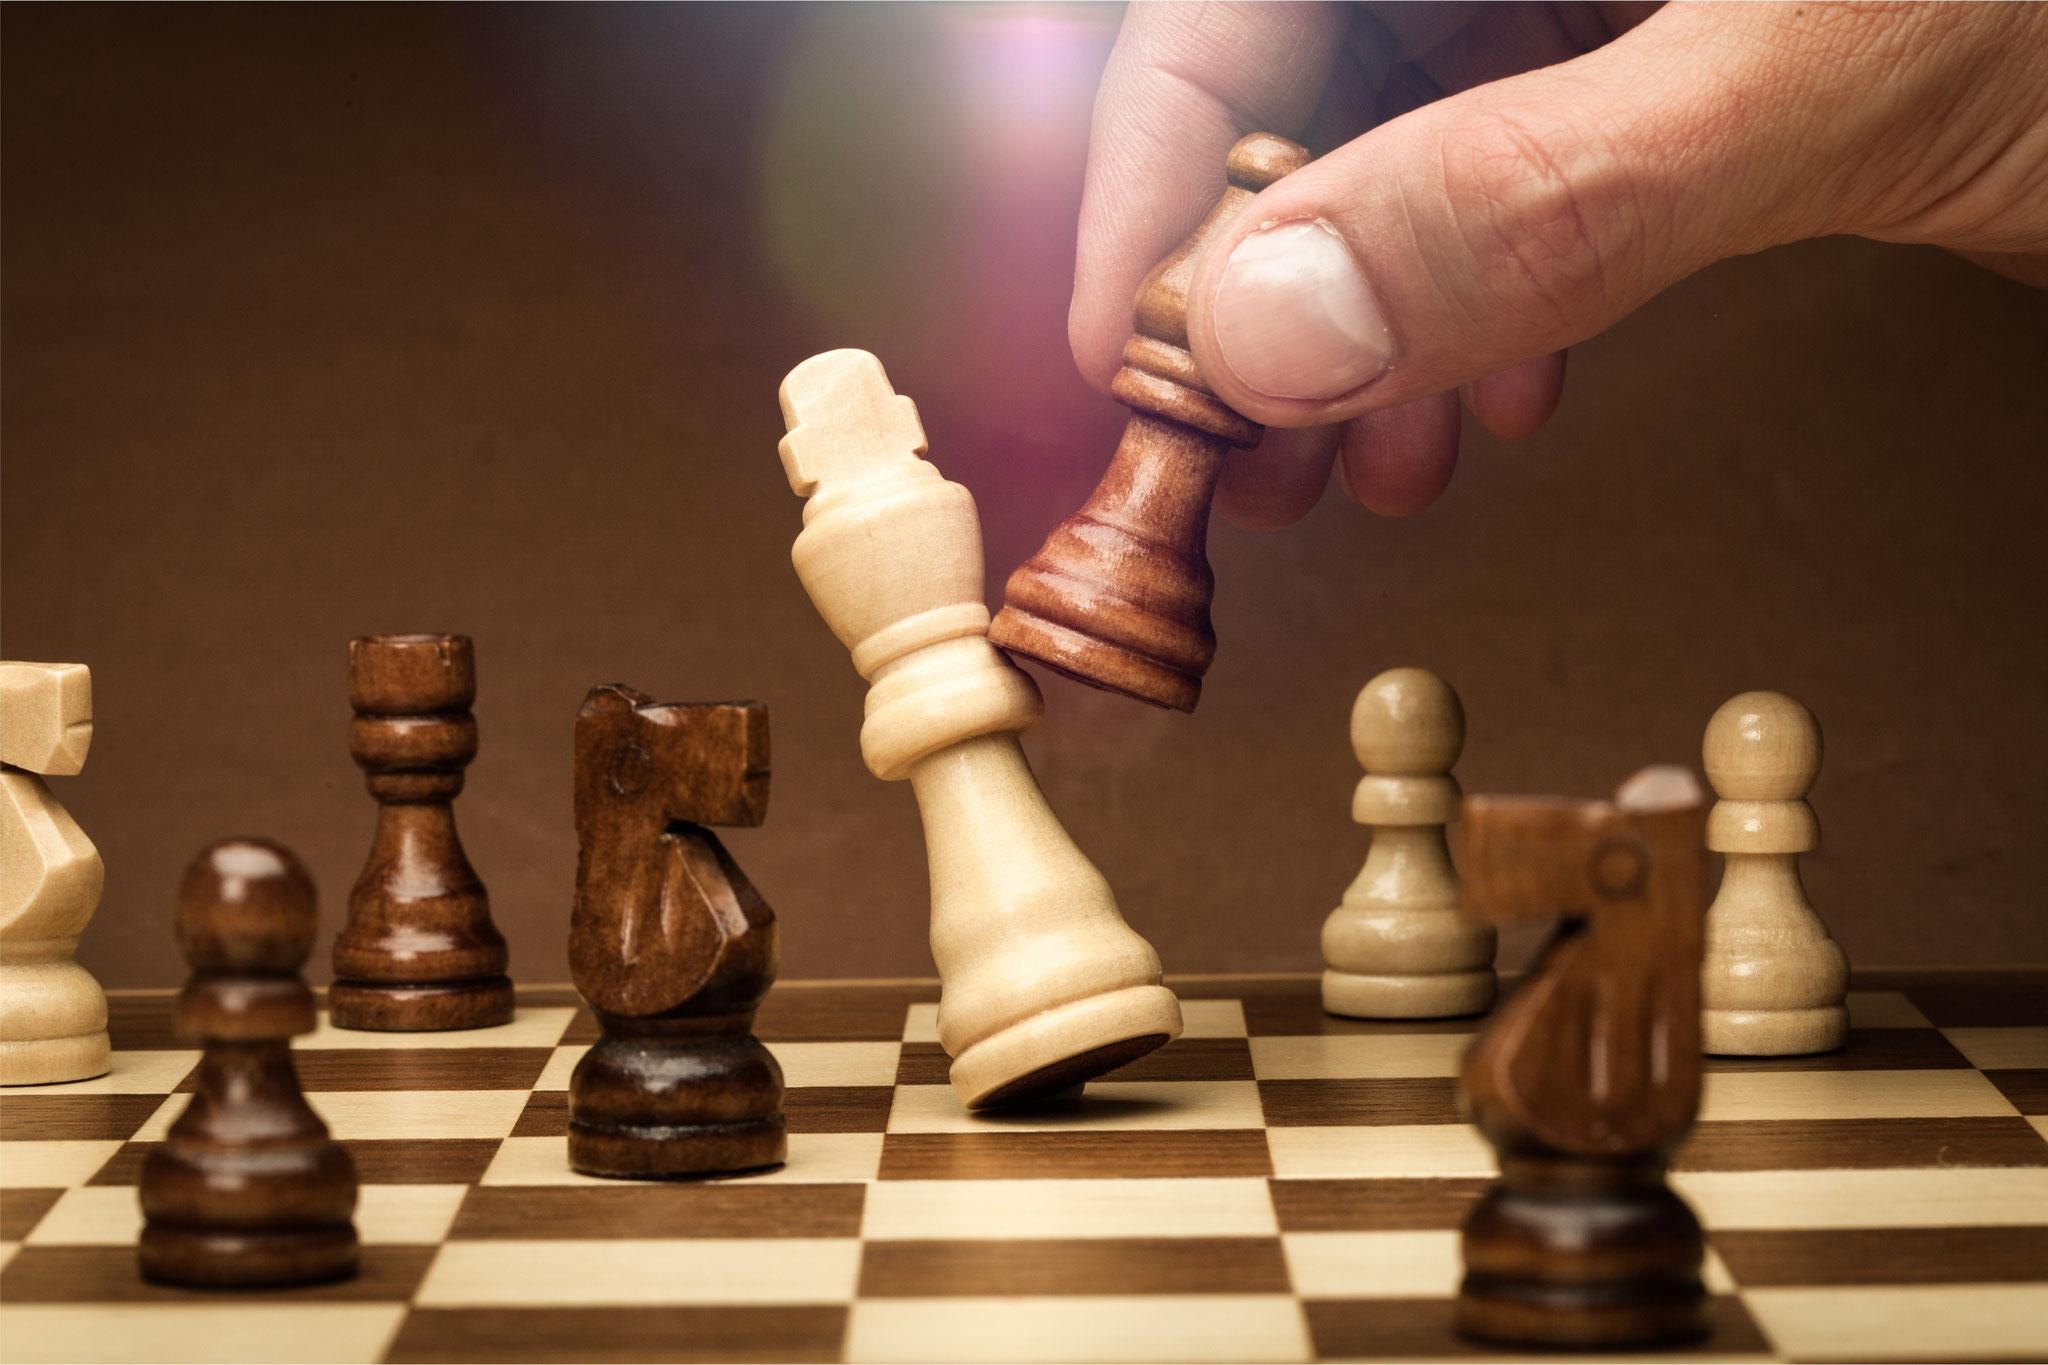 Tipp 2: Sa, 16.11., 12-14 Uhr: Schach für Einsteiger und Könner. Mark-Twain-Bibliothek im Freizeitforum Marzahn. © BillionPhotos.com, Adobe Stock